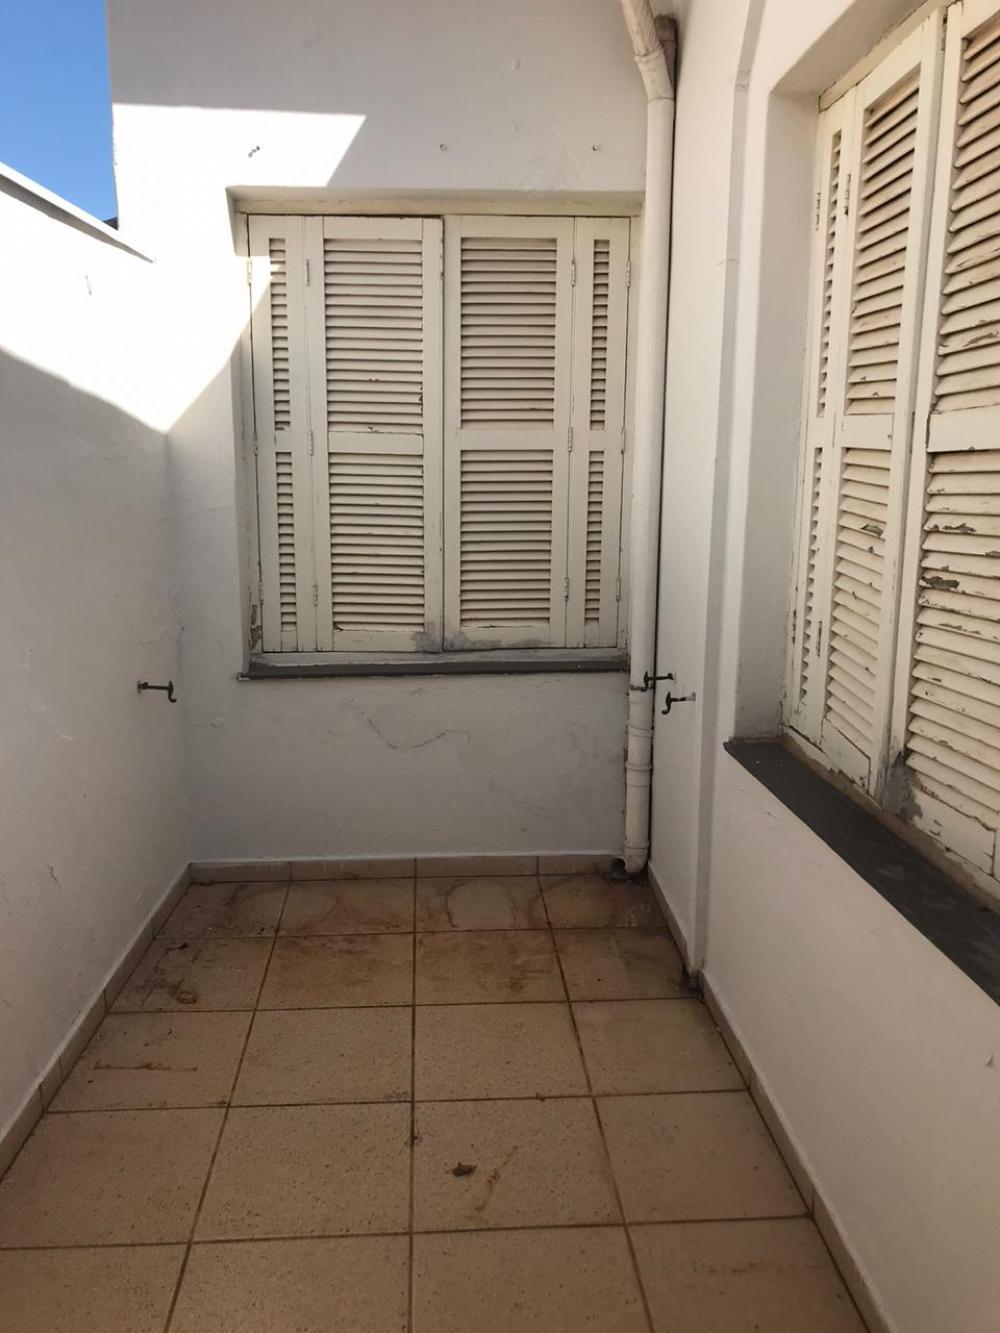 Casa em ótima localização contendo 03 dormitórios sendo 01 suíte, sala, banheiro social, cozinha com gabinete, lavanderia coberta, 01 vaga de garagem